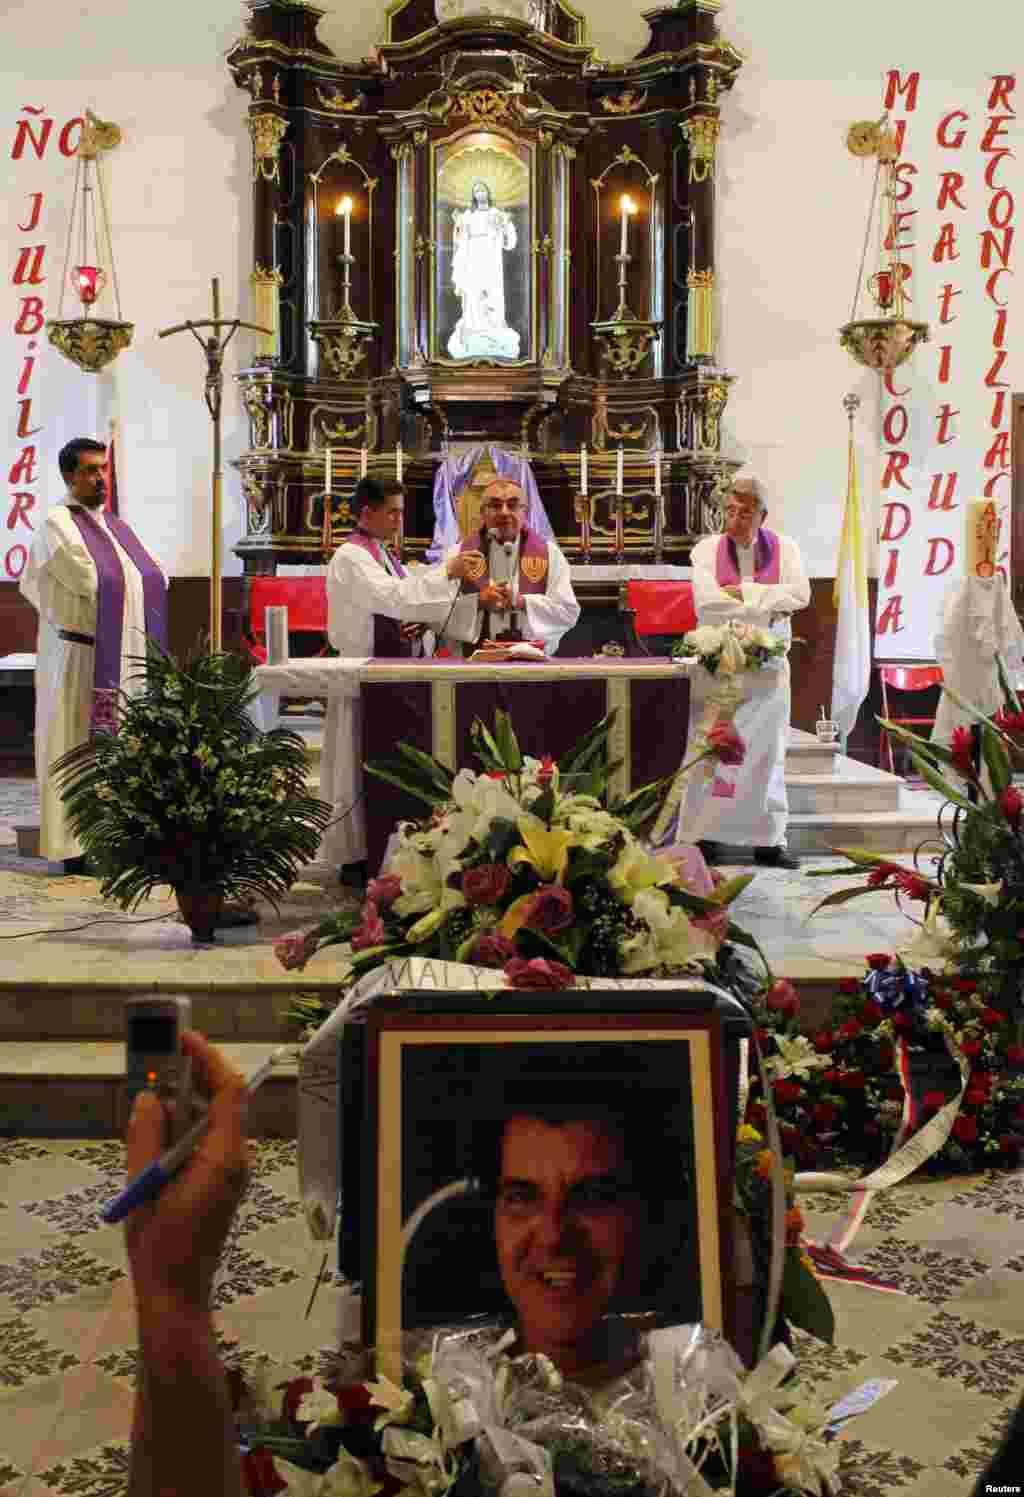 Durante los próximos días, varios libros de condolencias por la muerte de Payá permanecerán abiertos, a partir de la una de la tarde, en las iglesias de La Inmaculada en Hialeah, la Ermita de la Caridad, San Kevin y San Brenda.